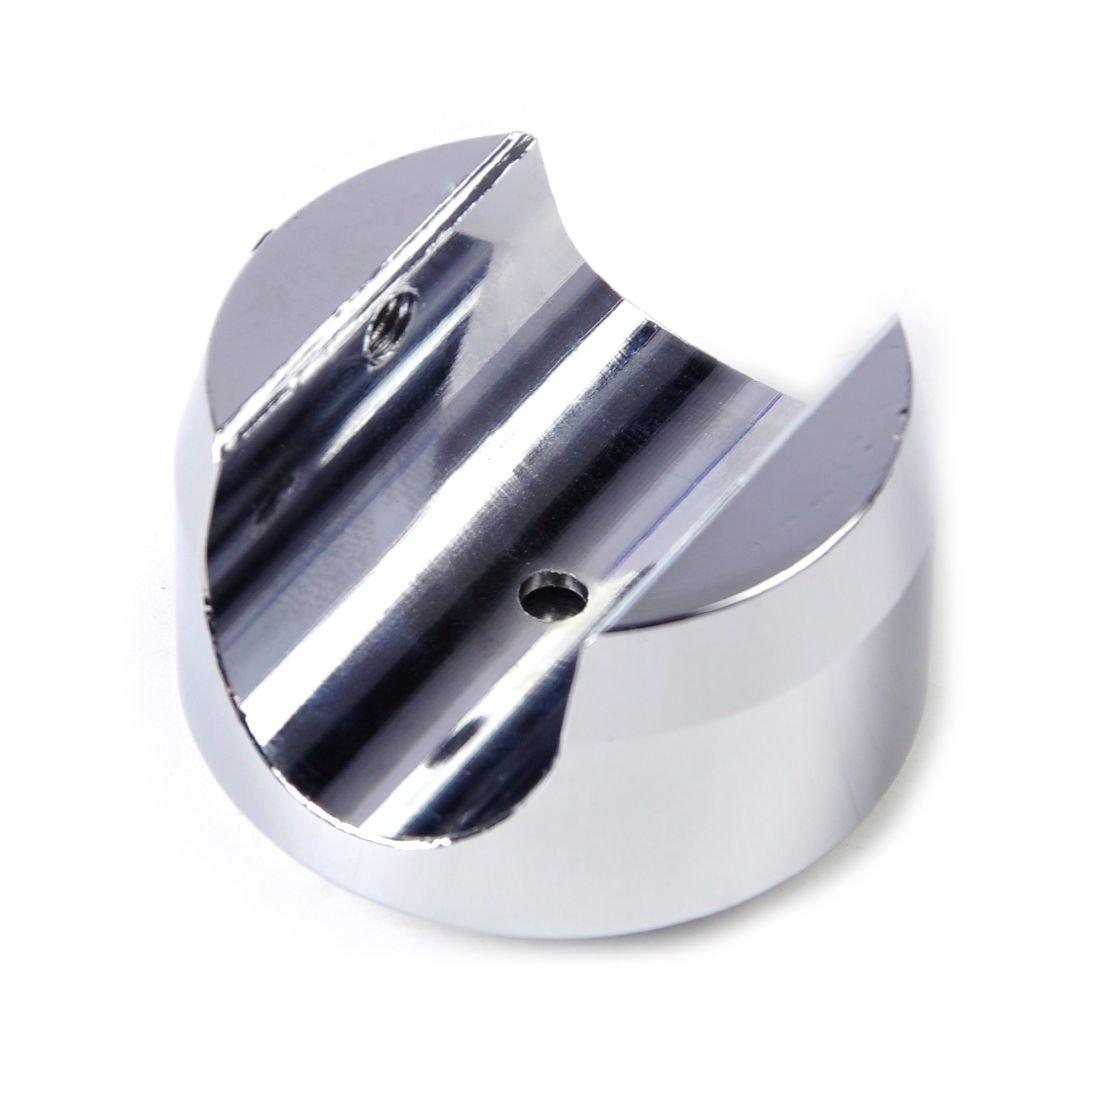 Motorraduhr Uhr Uhren Motorr/äder Lenkeruhr Universal Thermometer Temp 7//8